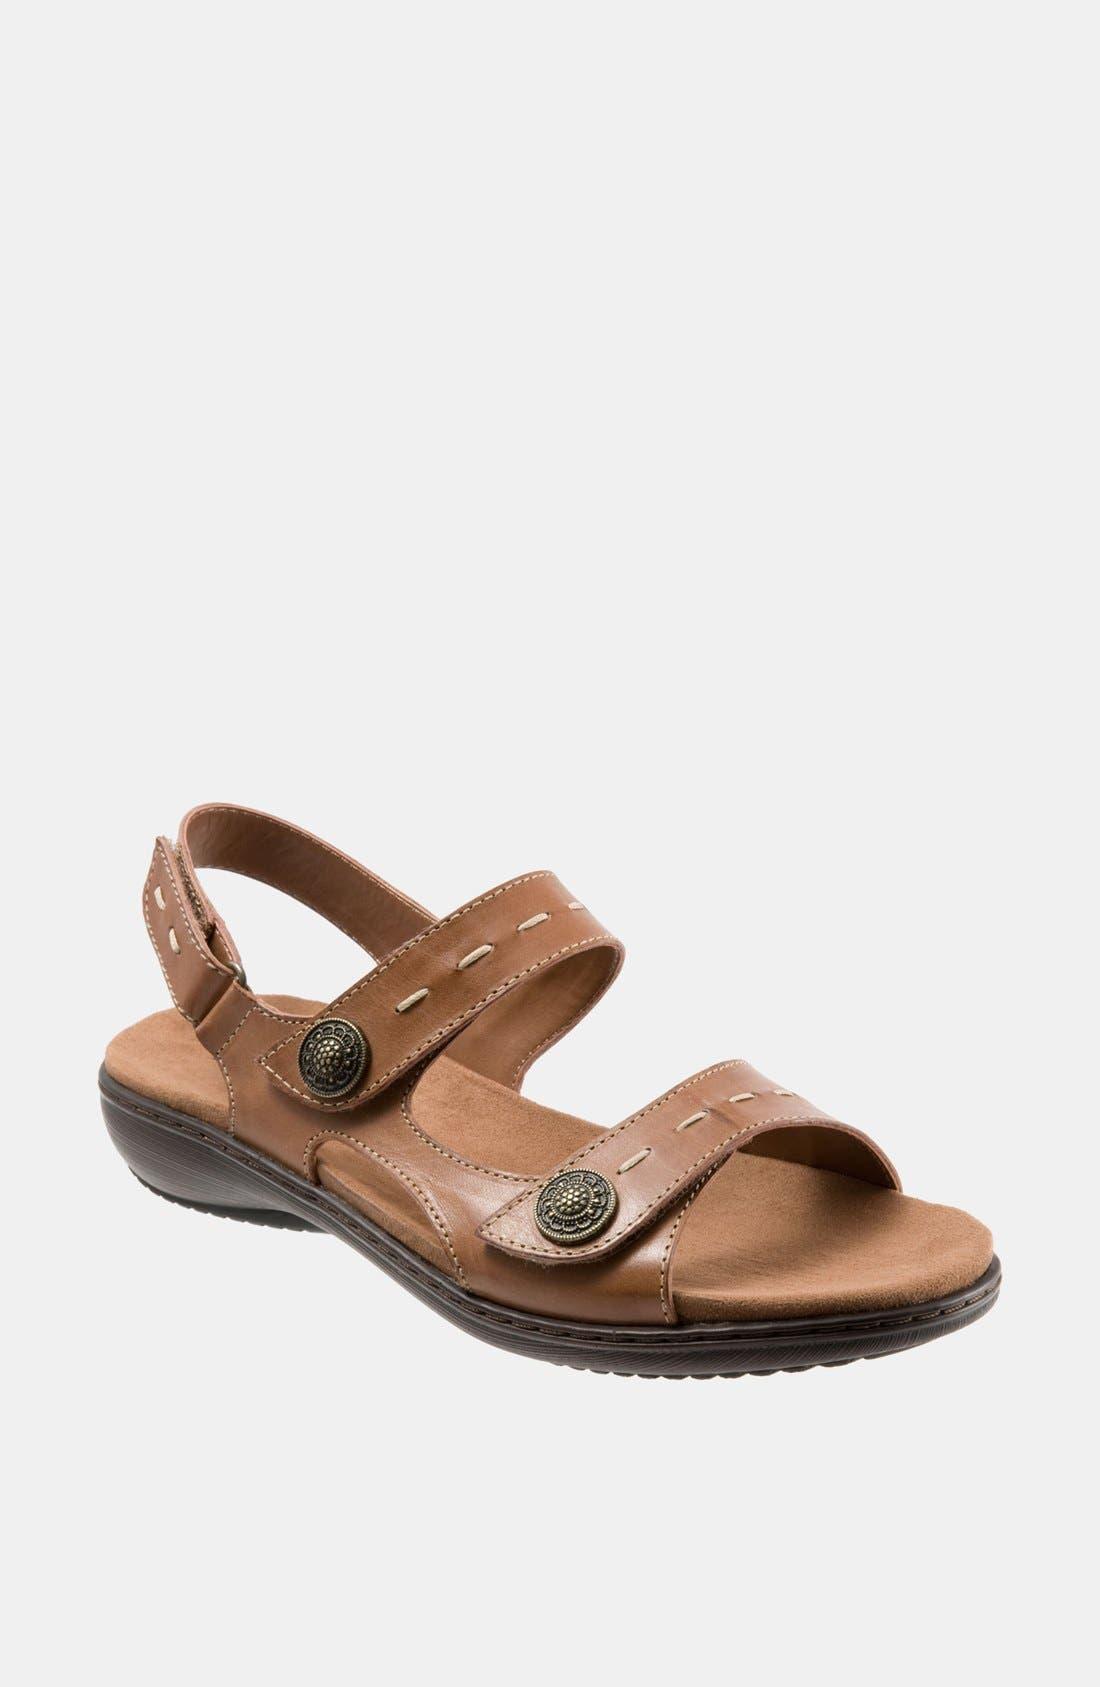 Main Image - Trotters 'Kat' Sandal